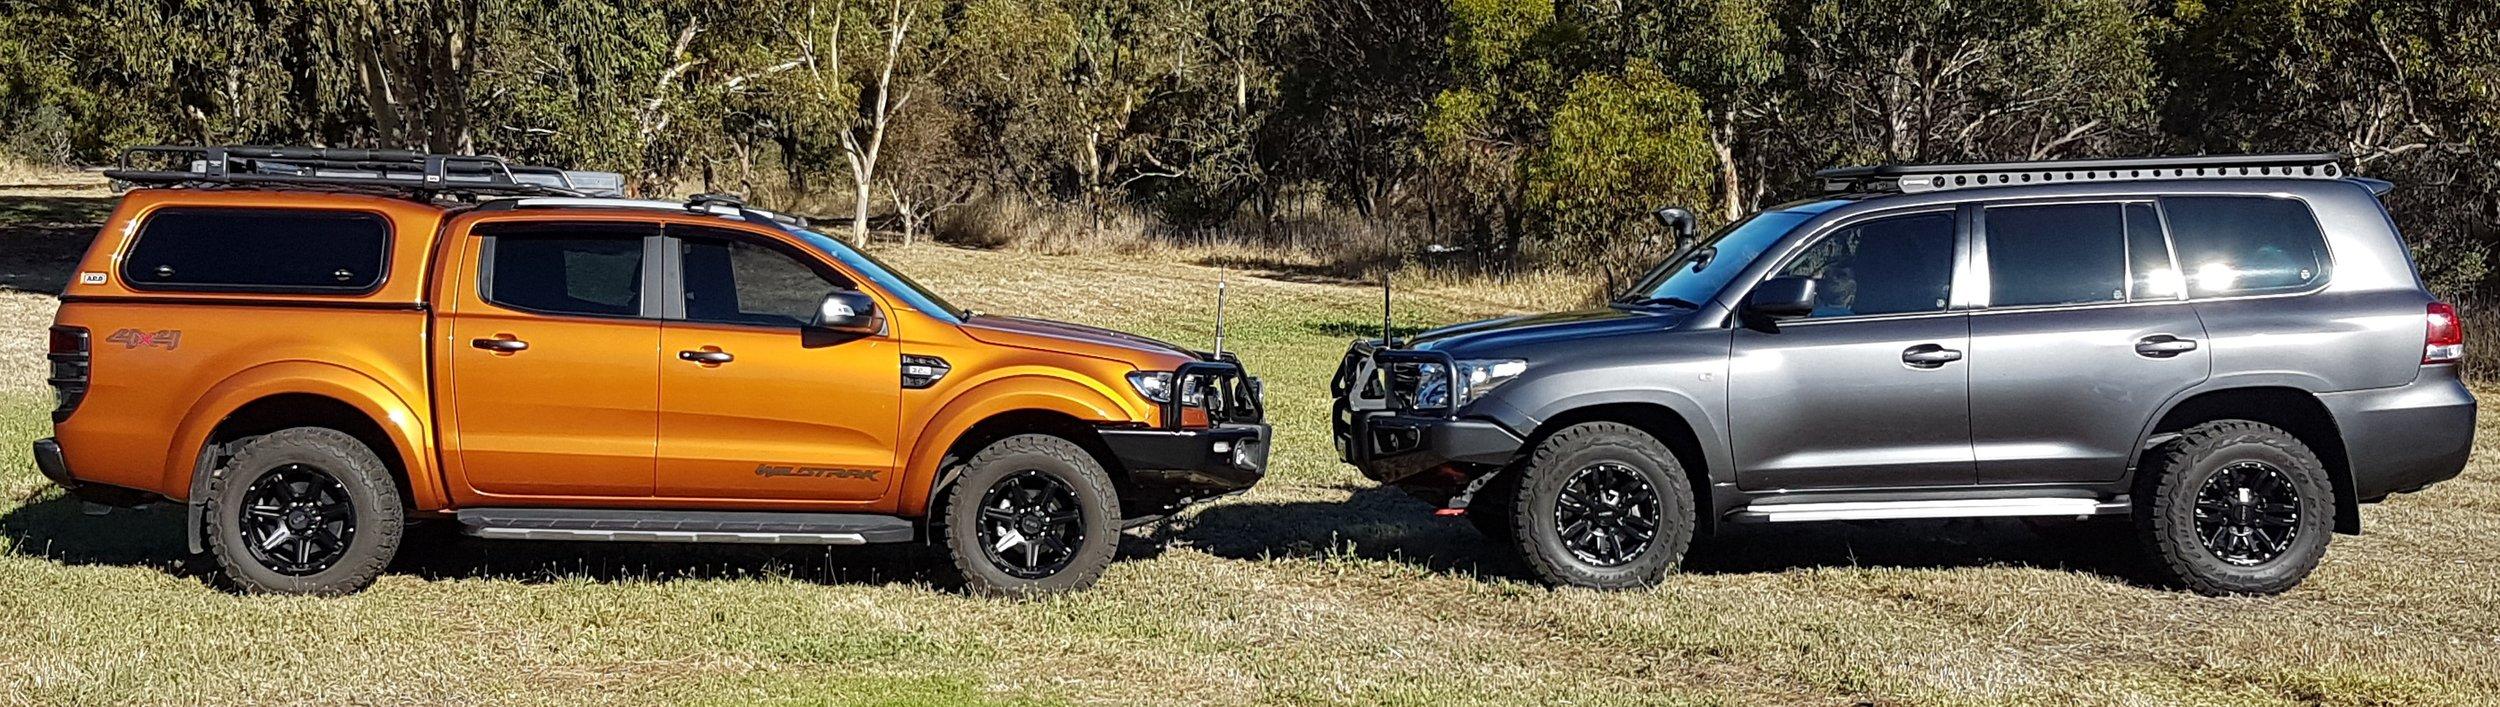 4x4 upgrades - to suit Landcruiser, Ranger, Navara & more!